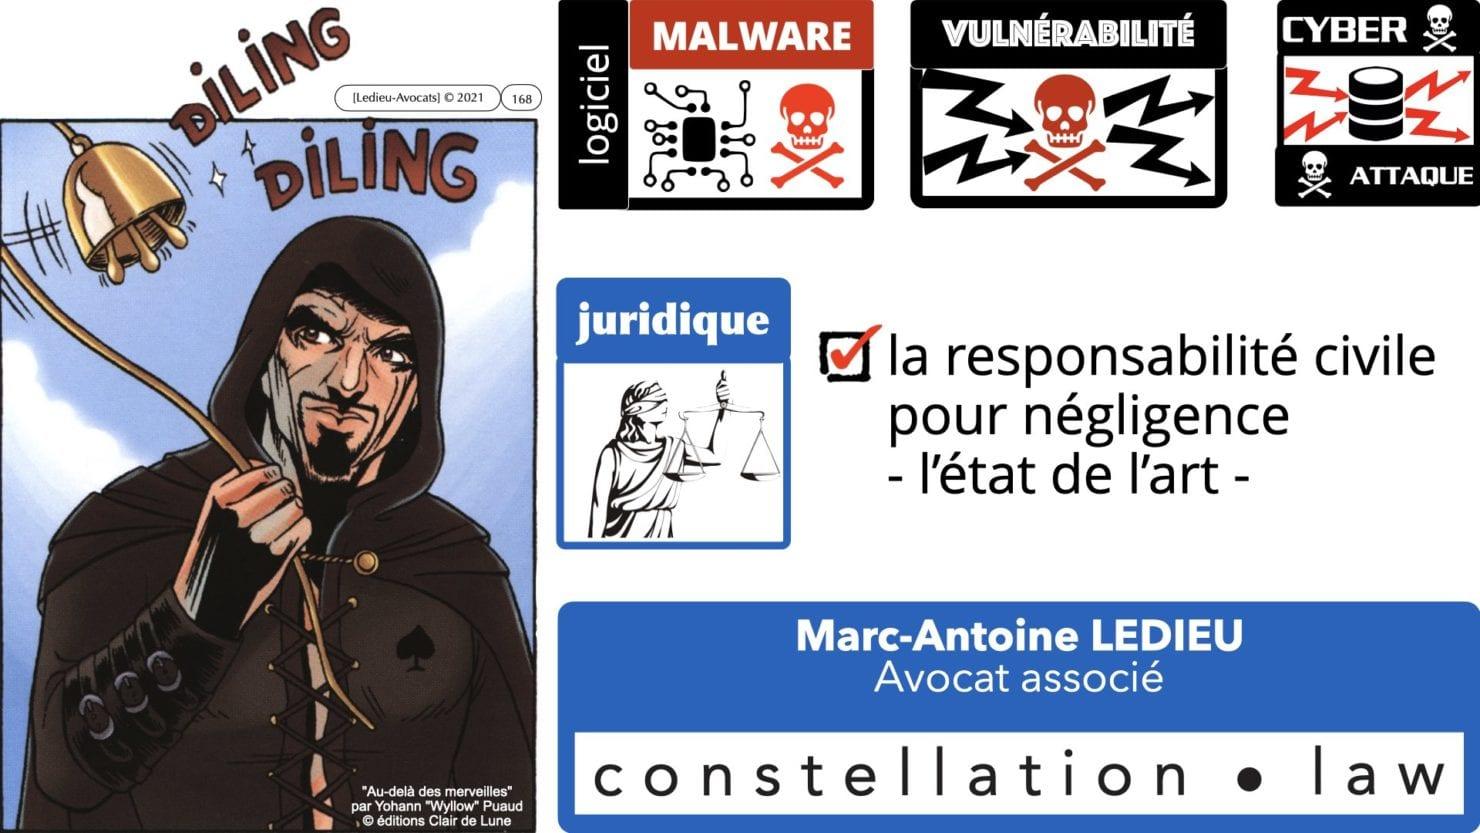 333 CYBER ATTAQUE responsabilité pénale civile contrat © Ledieu-Avocats 23-05-2021.168